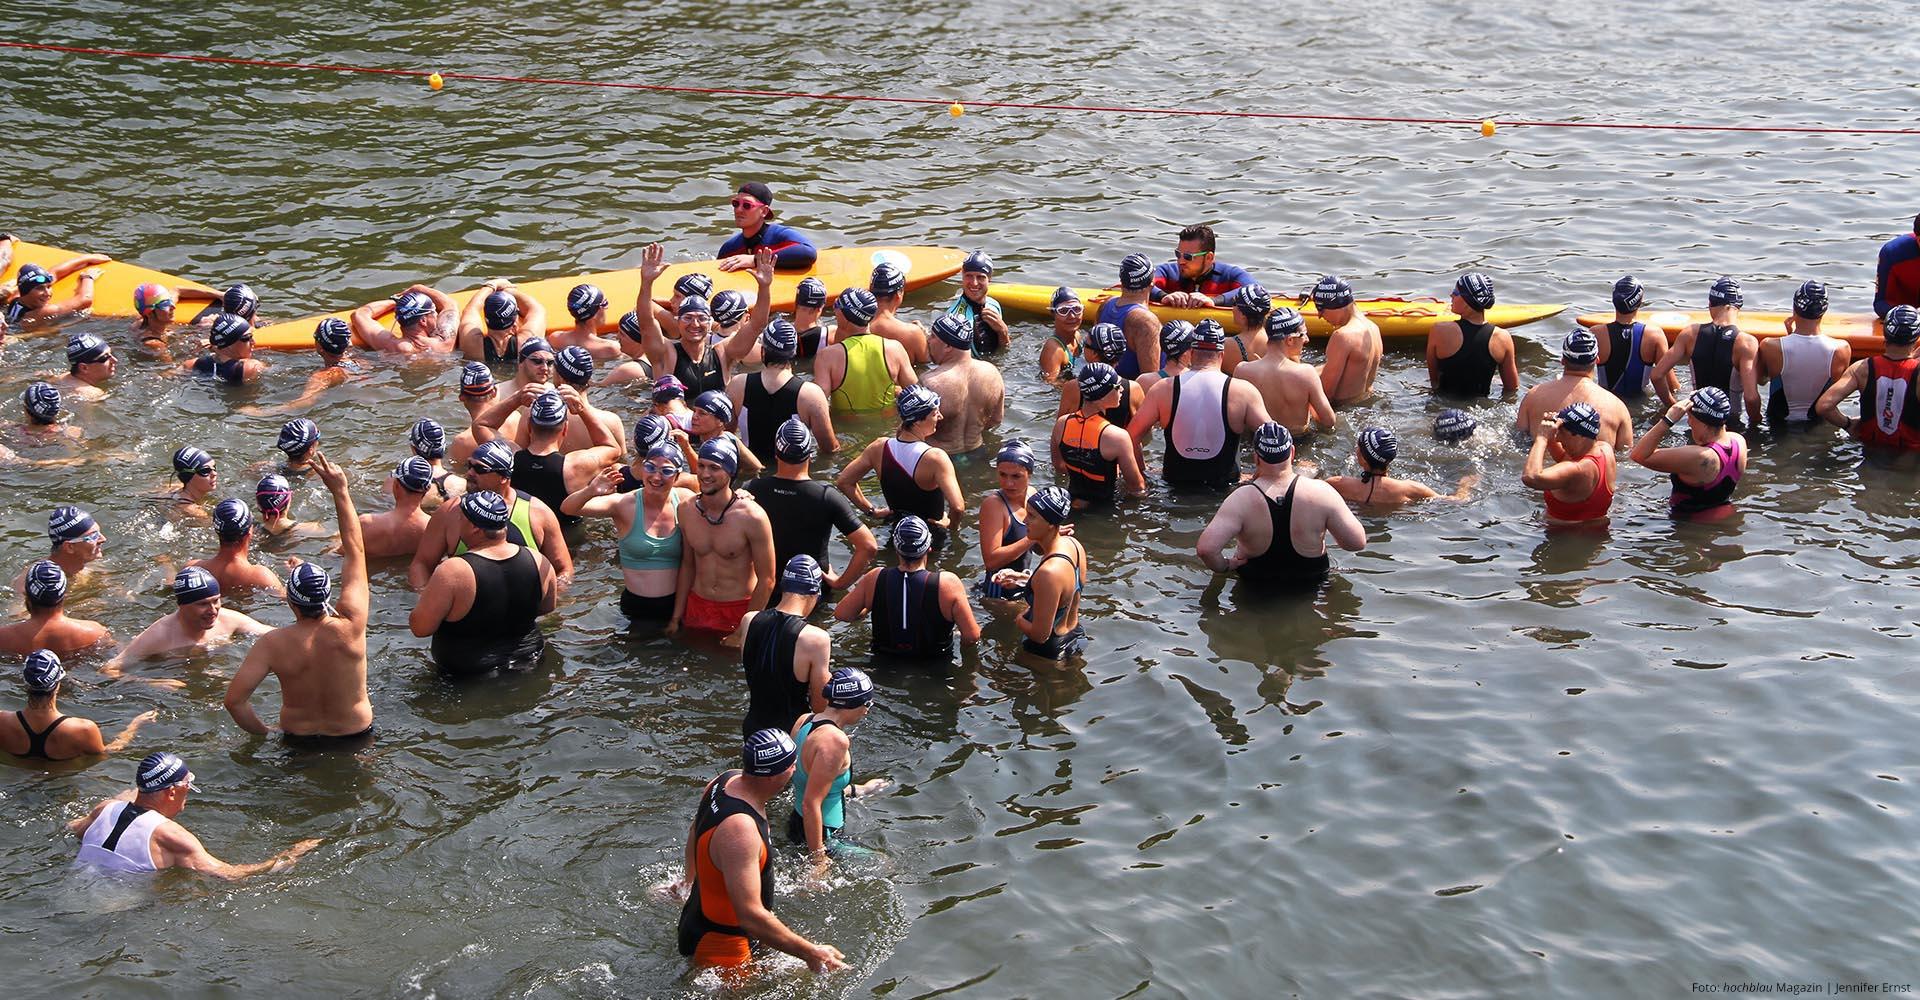 WASSERSTART Mit einem Bad im warmen Neckarwasser beginnt mein Triathlon. | Foto hochblau Magazin/Jennifer Ernst